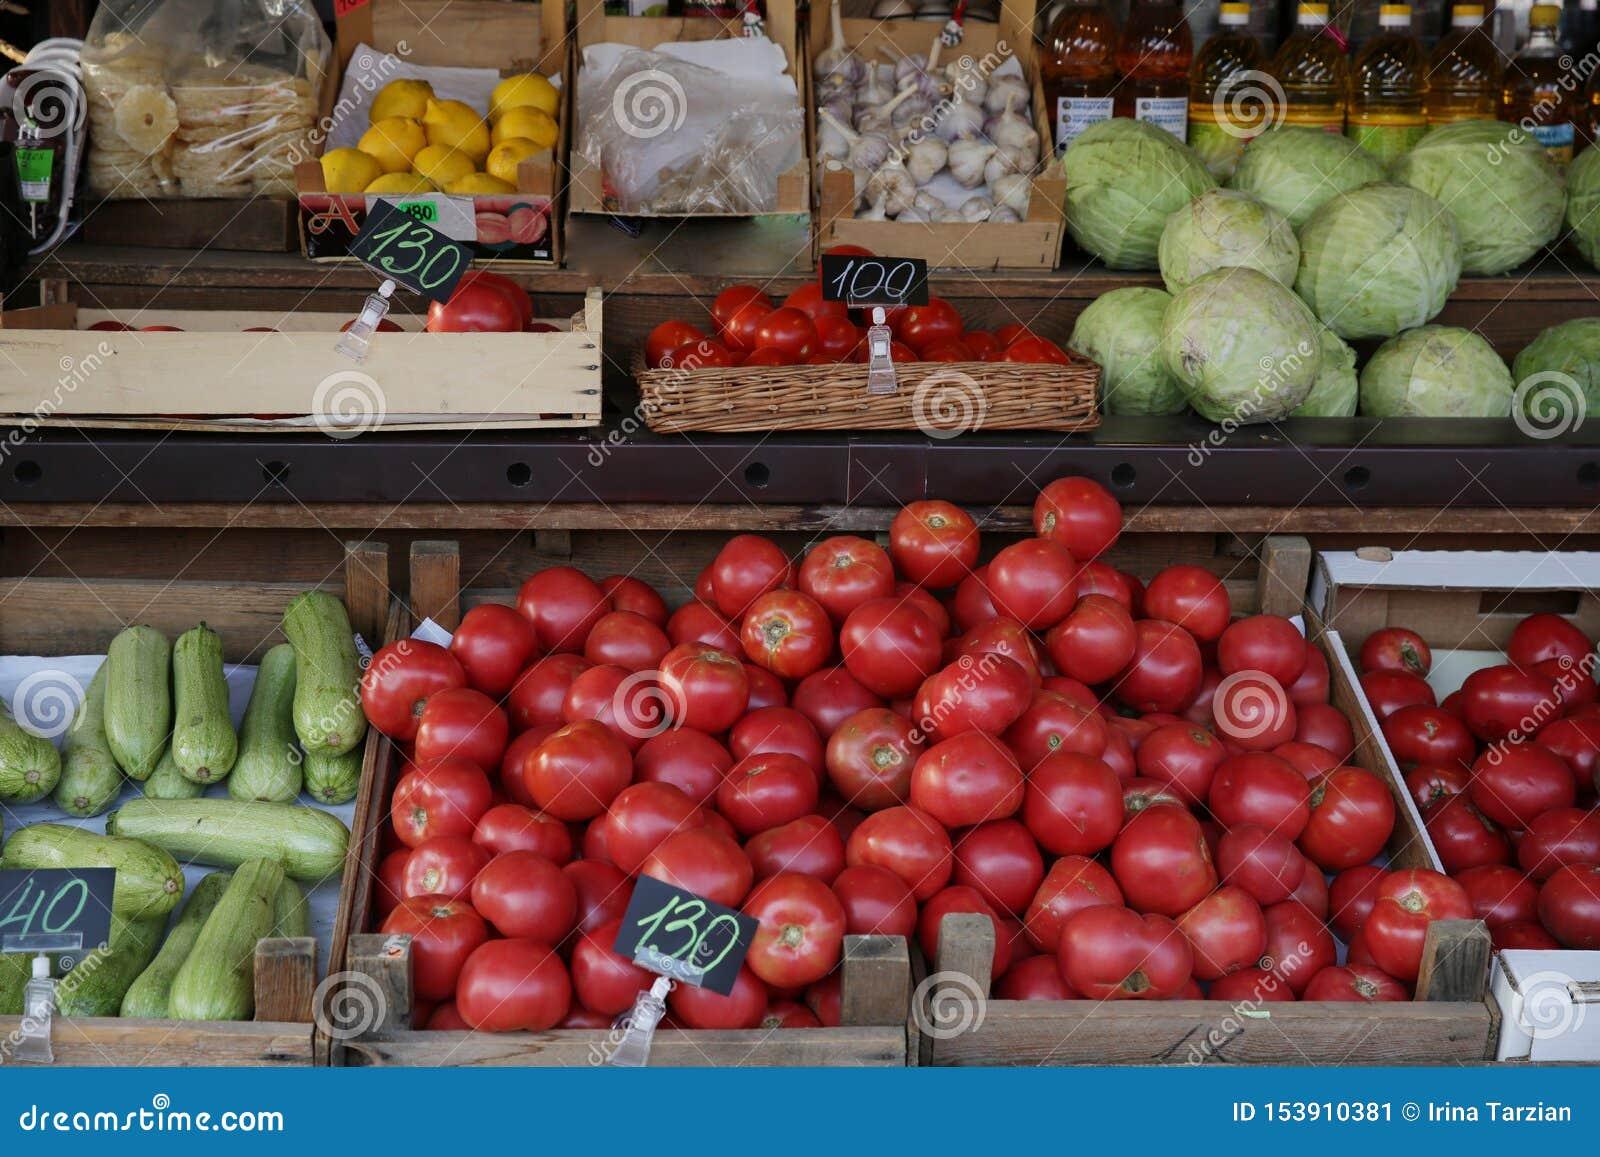 有机新鲜的不同的蔬菜、蕃茄和水果在市场上